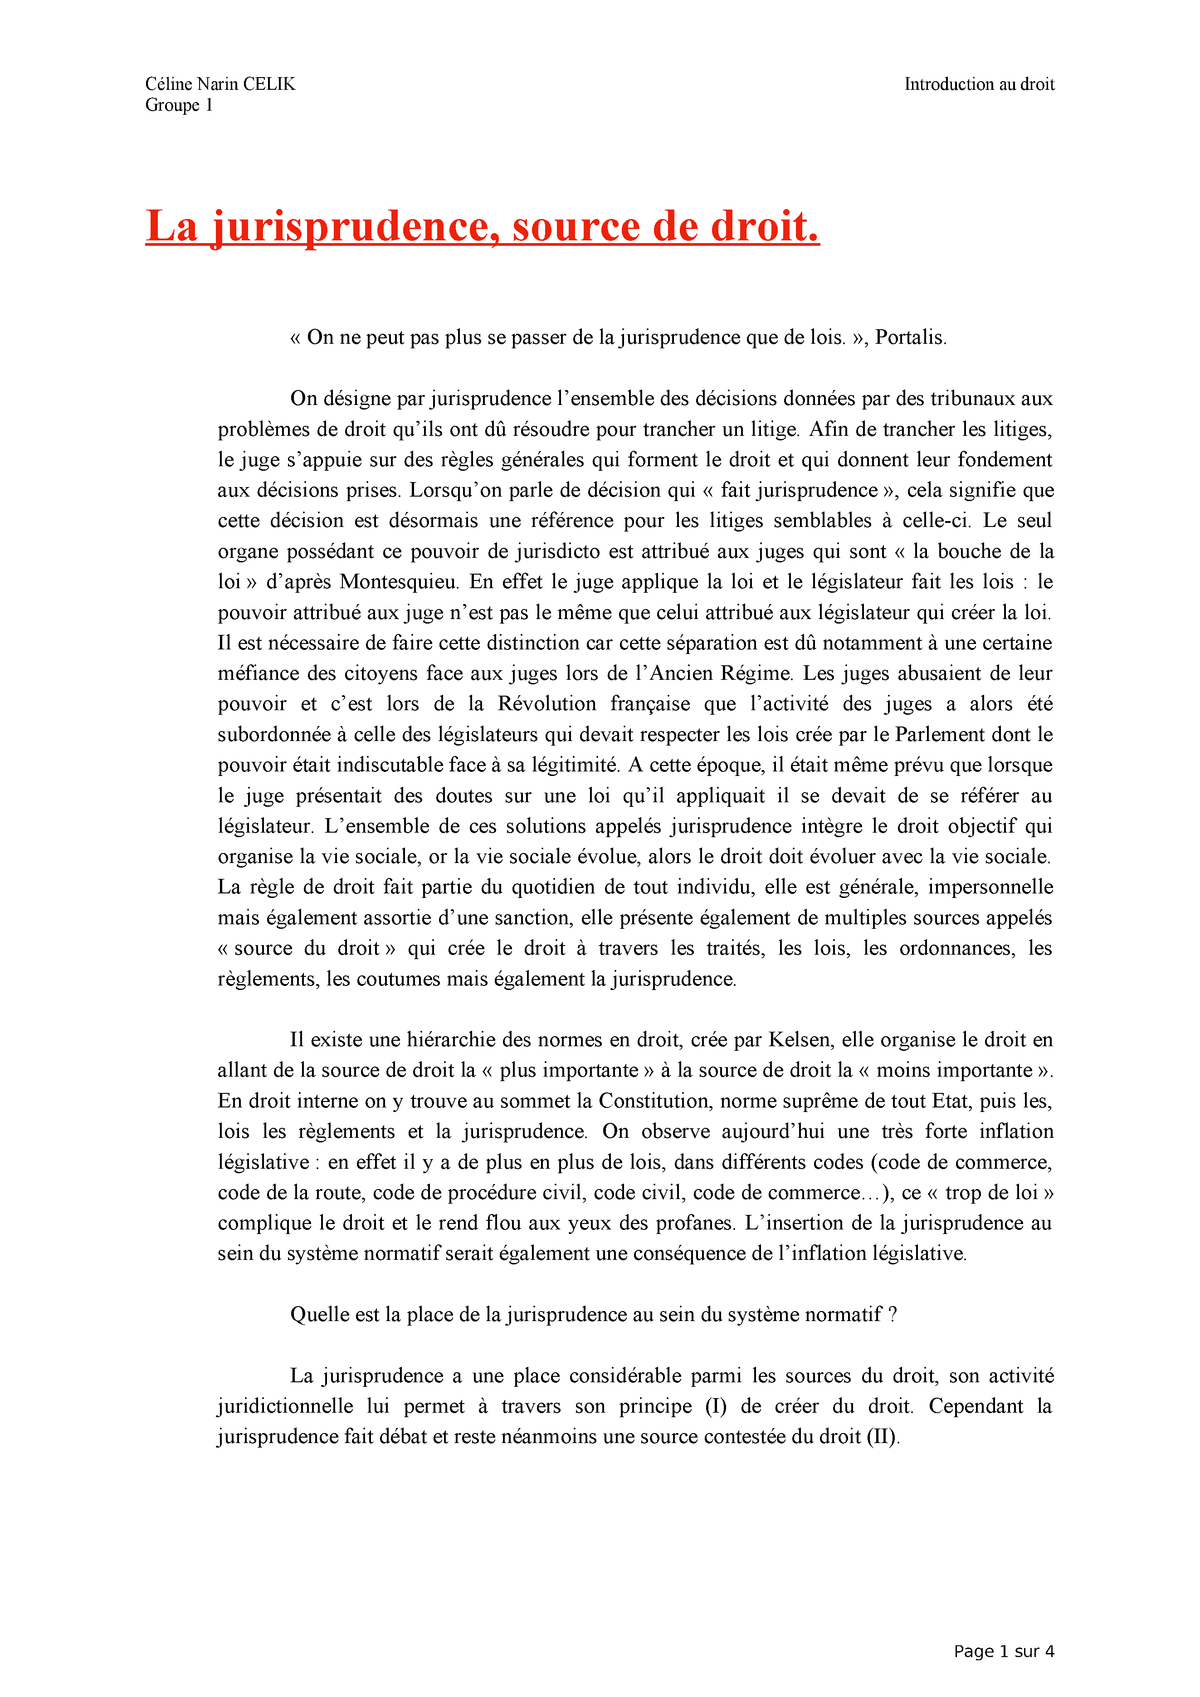 Comment faire une dissertation en droit civil - blogger.com